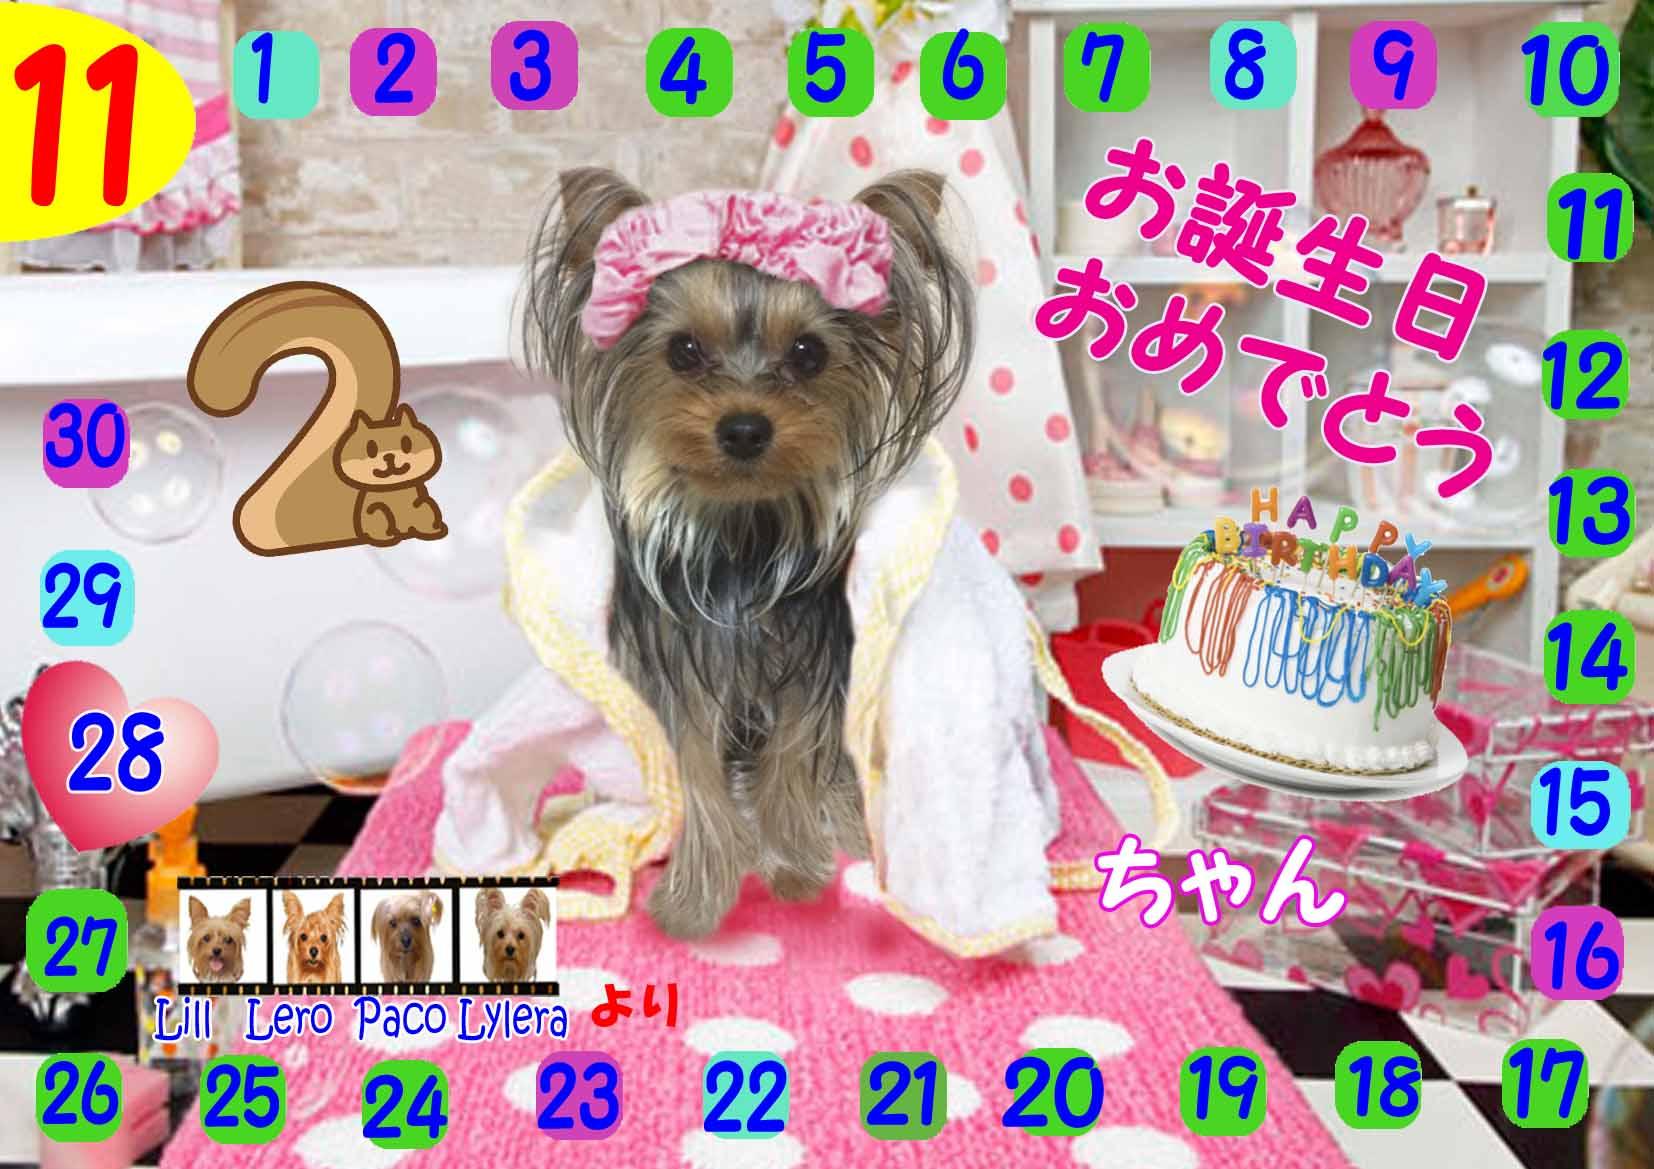 11-28-2014アガザちゃん誕生日カード